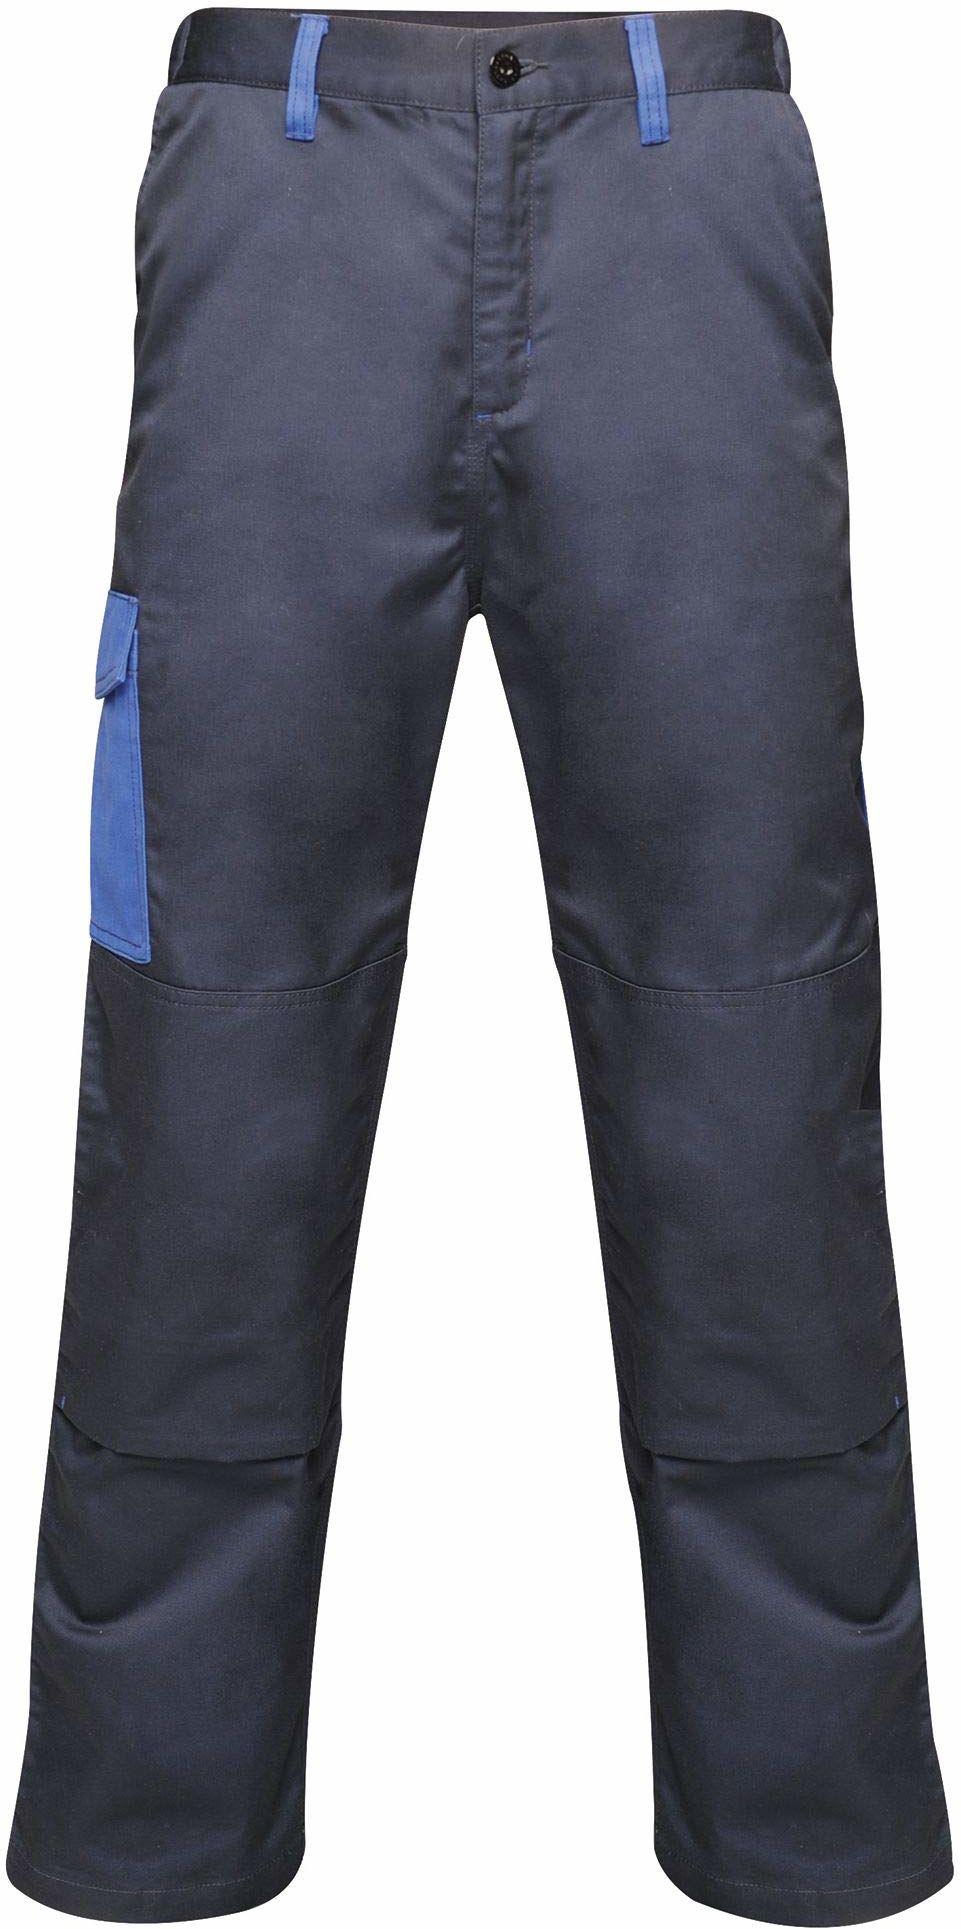 """Regatta męskie profesjonalne kontrastowe wytrzymałe spodnie cargo potrójnie szyte wodoodporne spodnie Navy/New Royal Size: 32"""""""